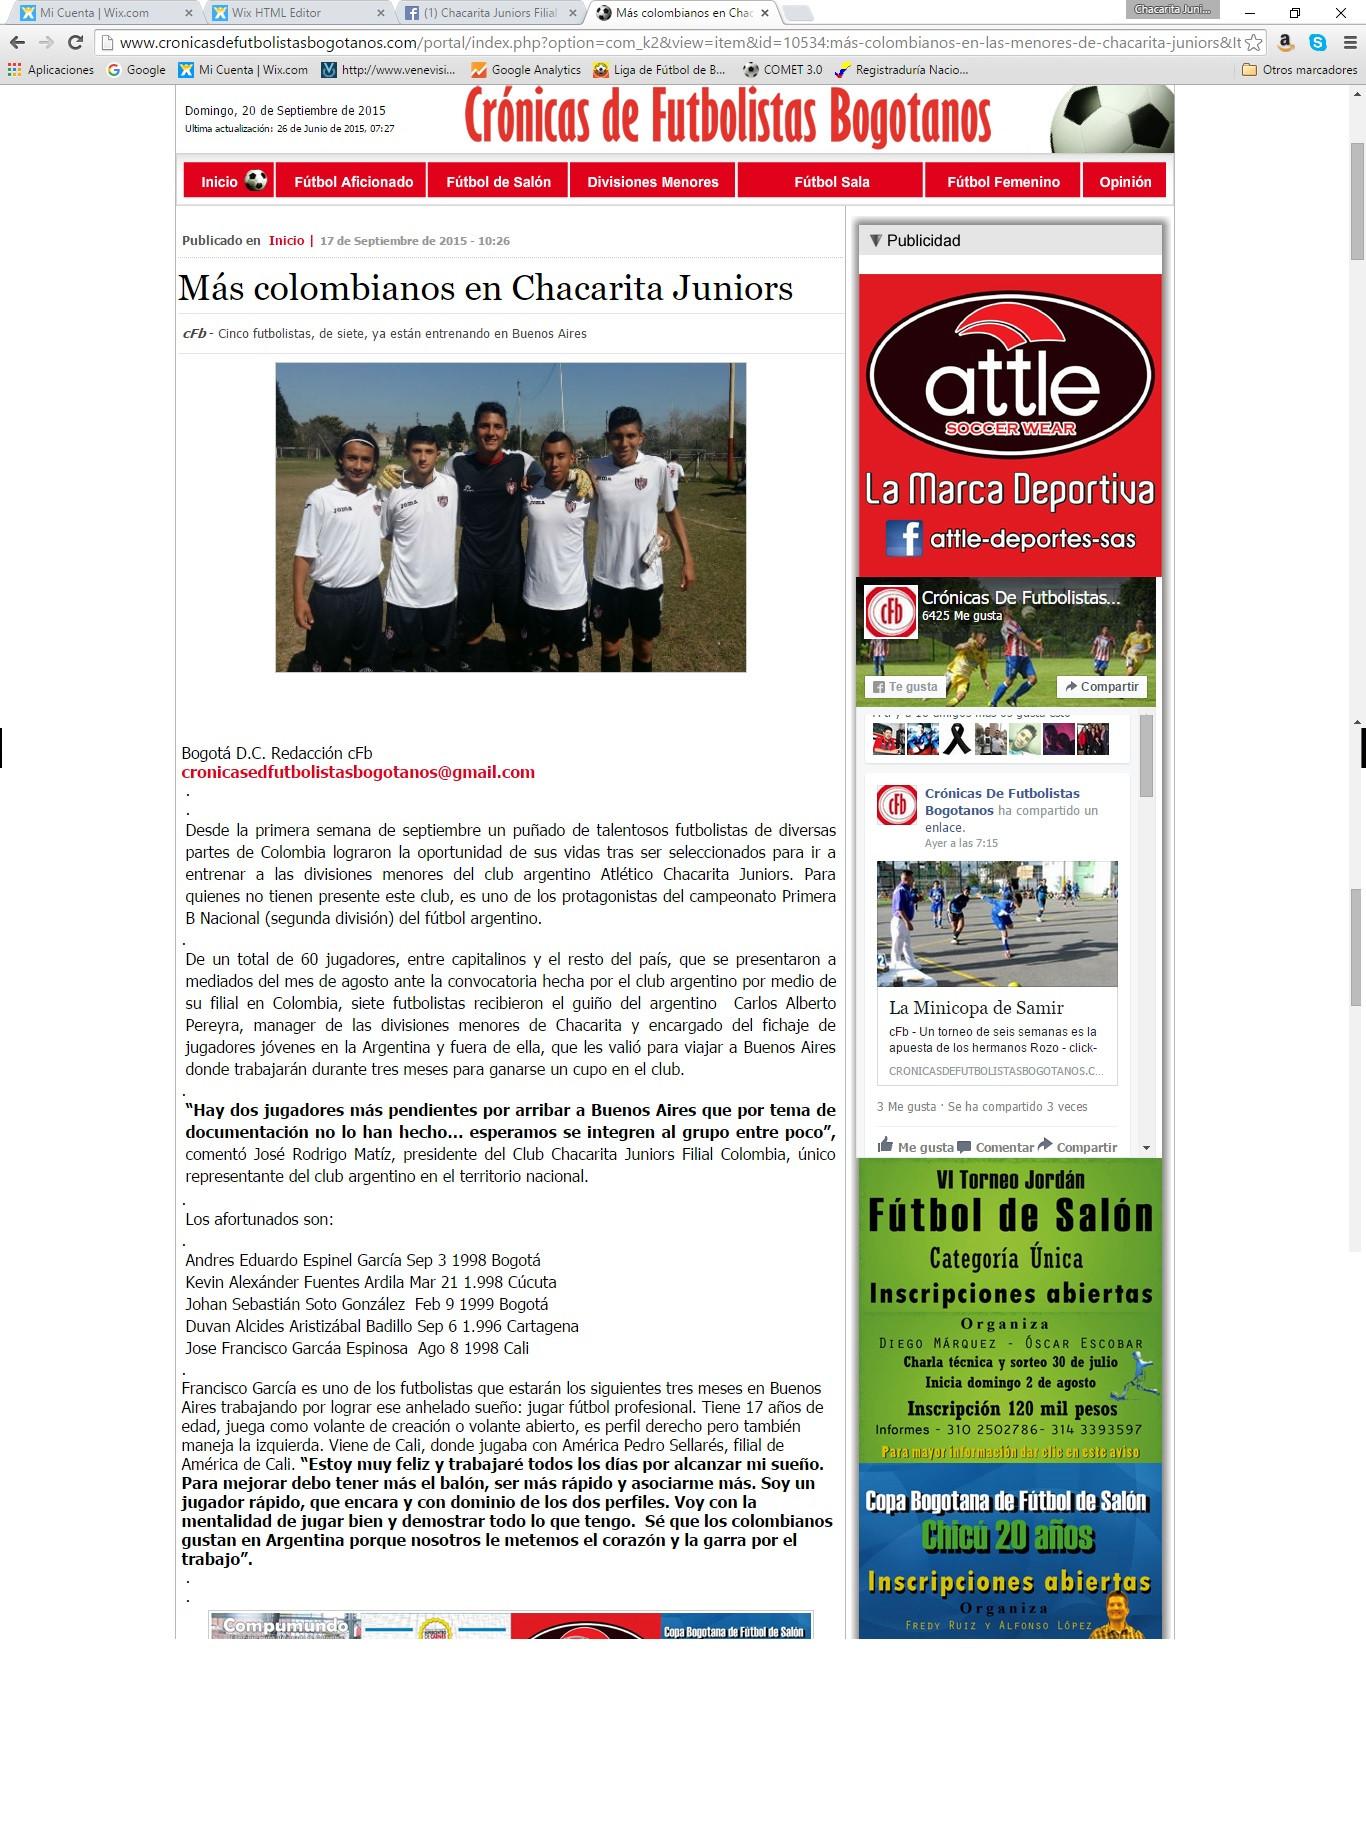 Cronicas de futbolistaas Bogotanos Sept